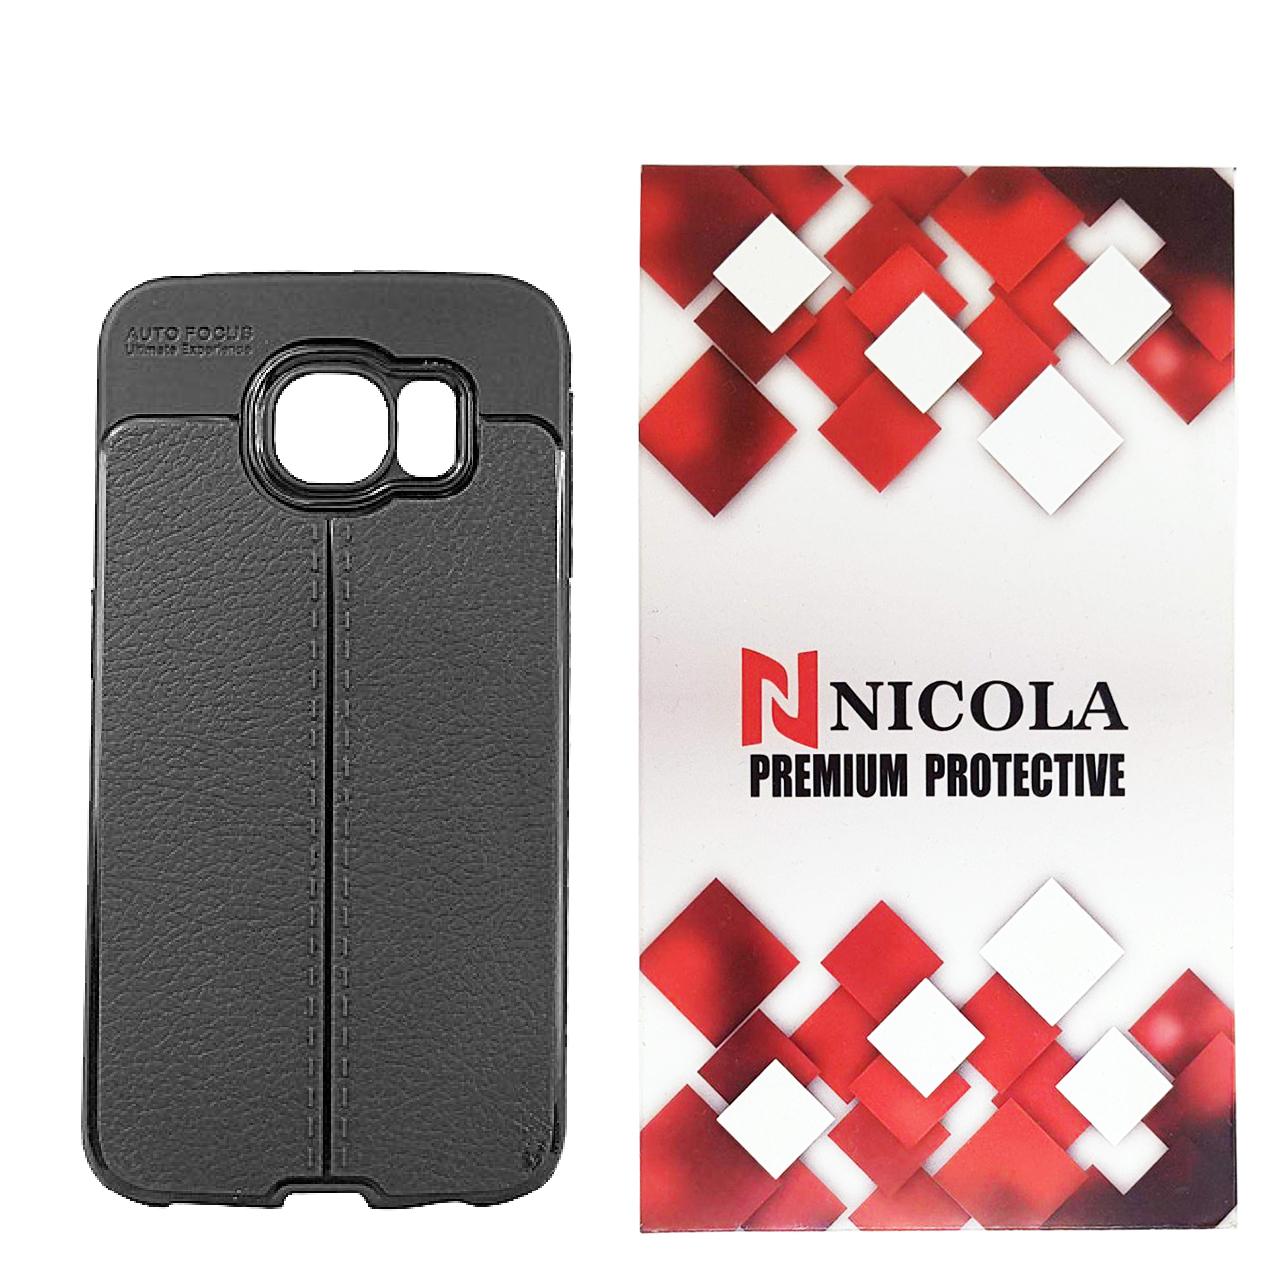 کاور نیکلا مدل N_ATO مناسب برای گوشی موبایل سامسونگ Galaxy S7